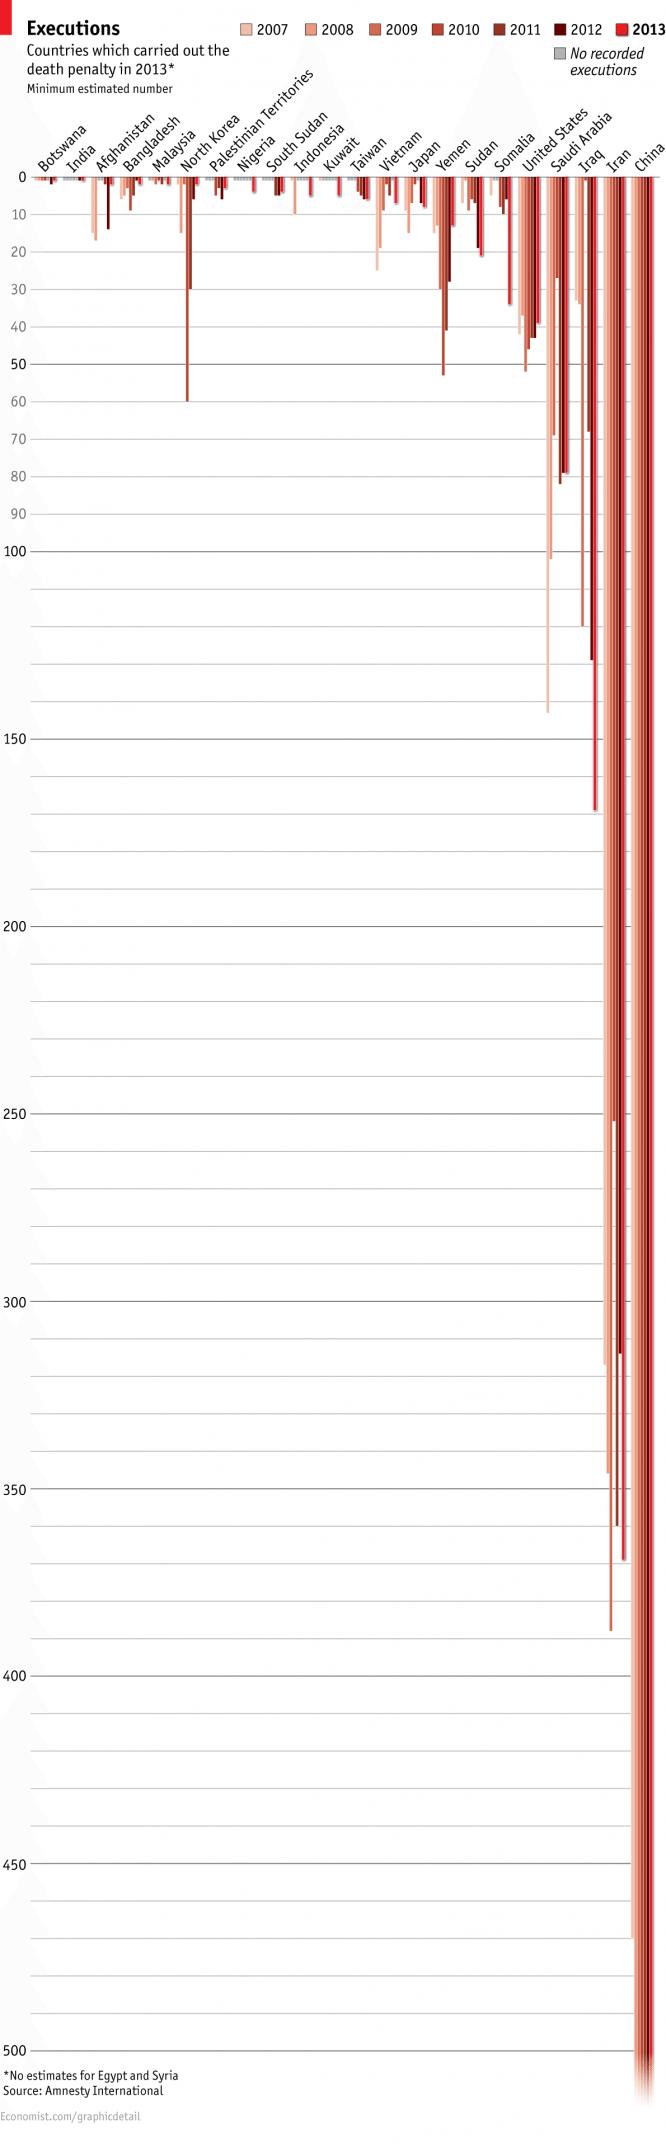 economist-executions